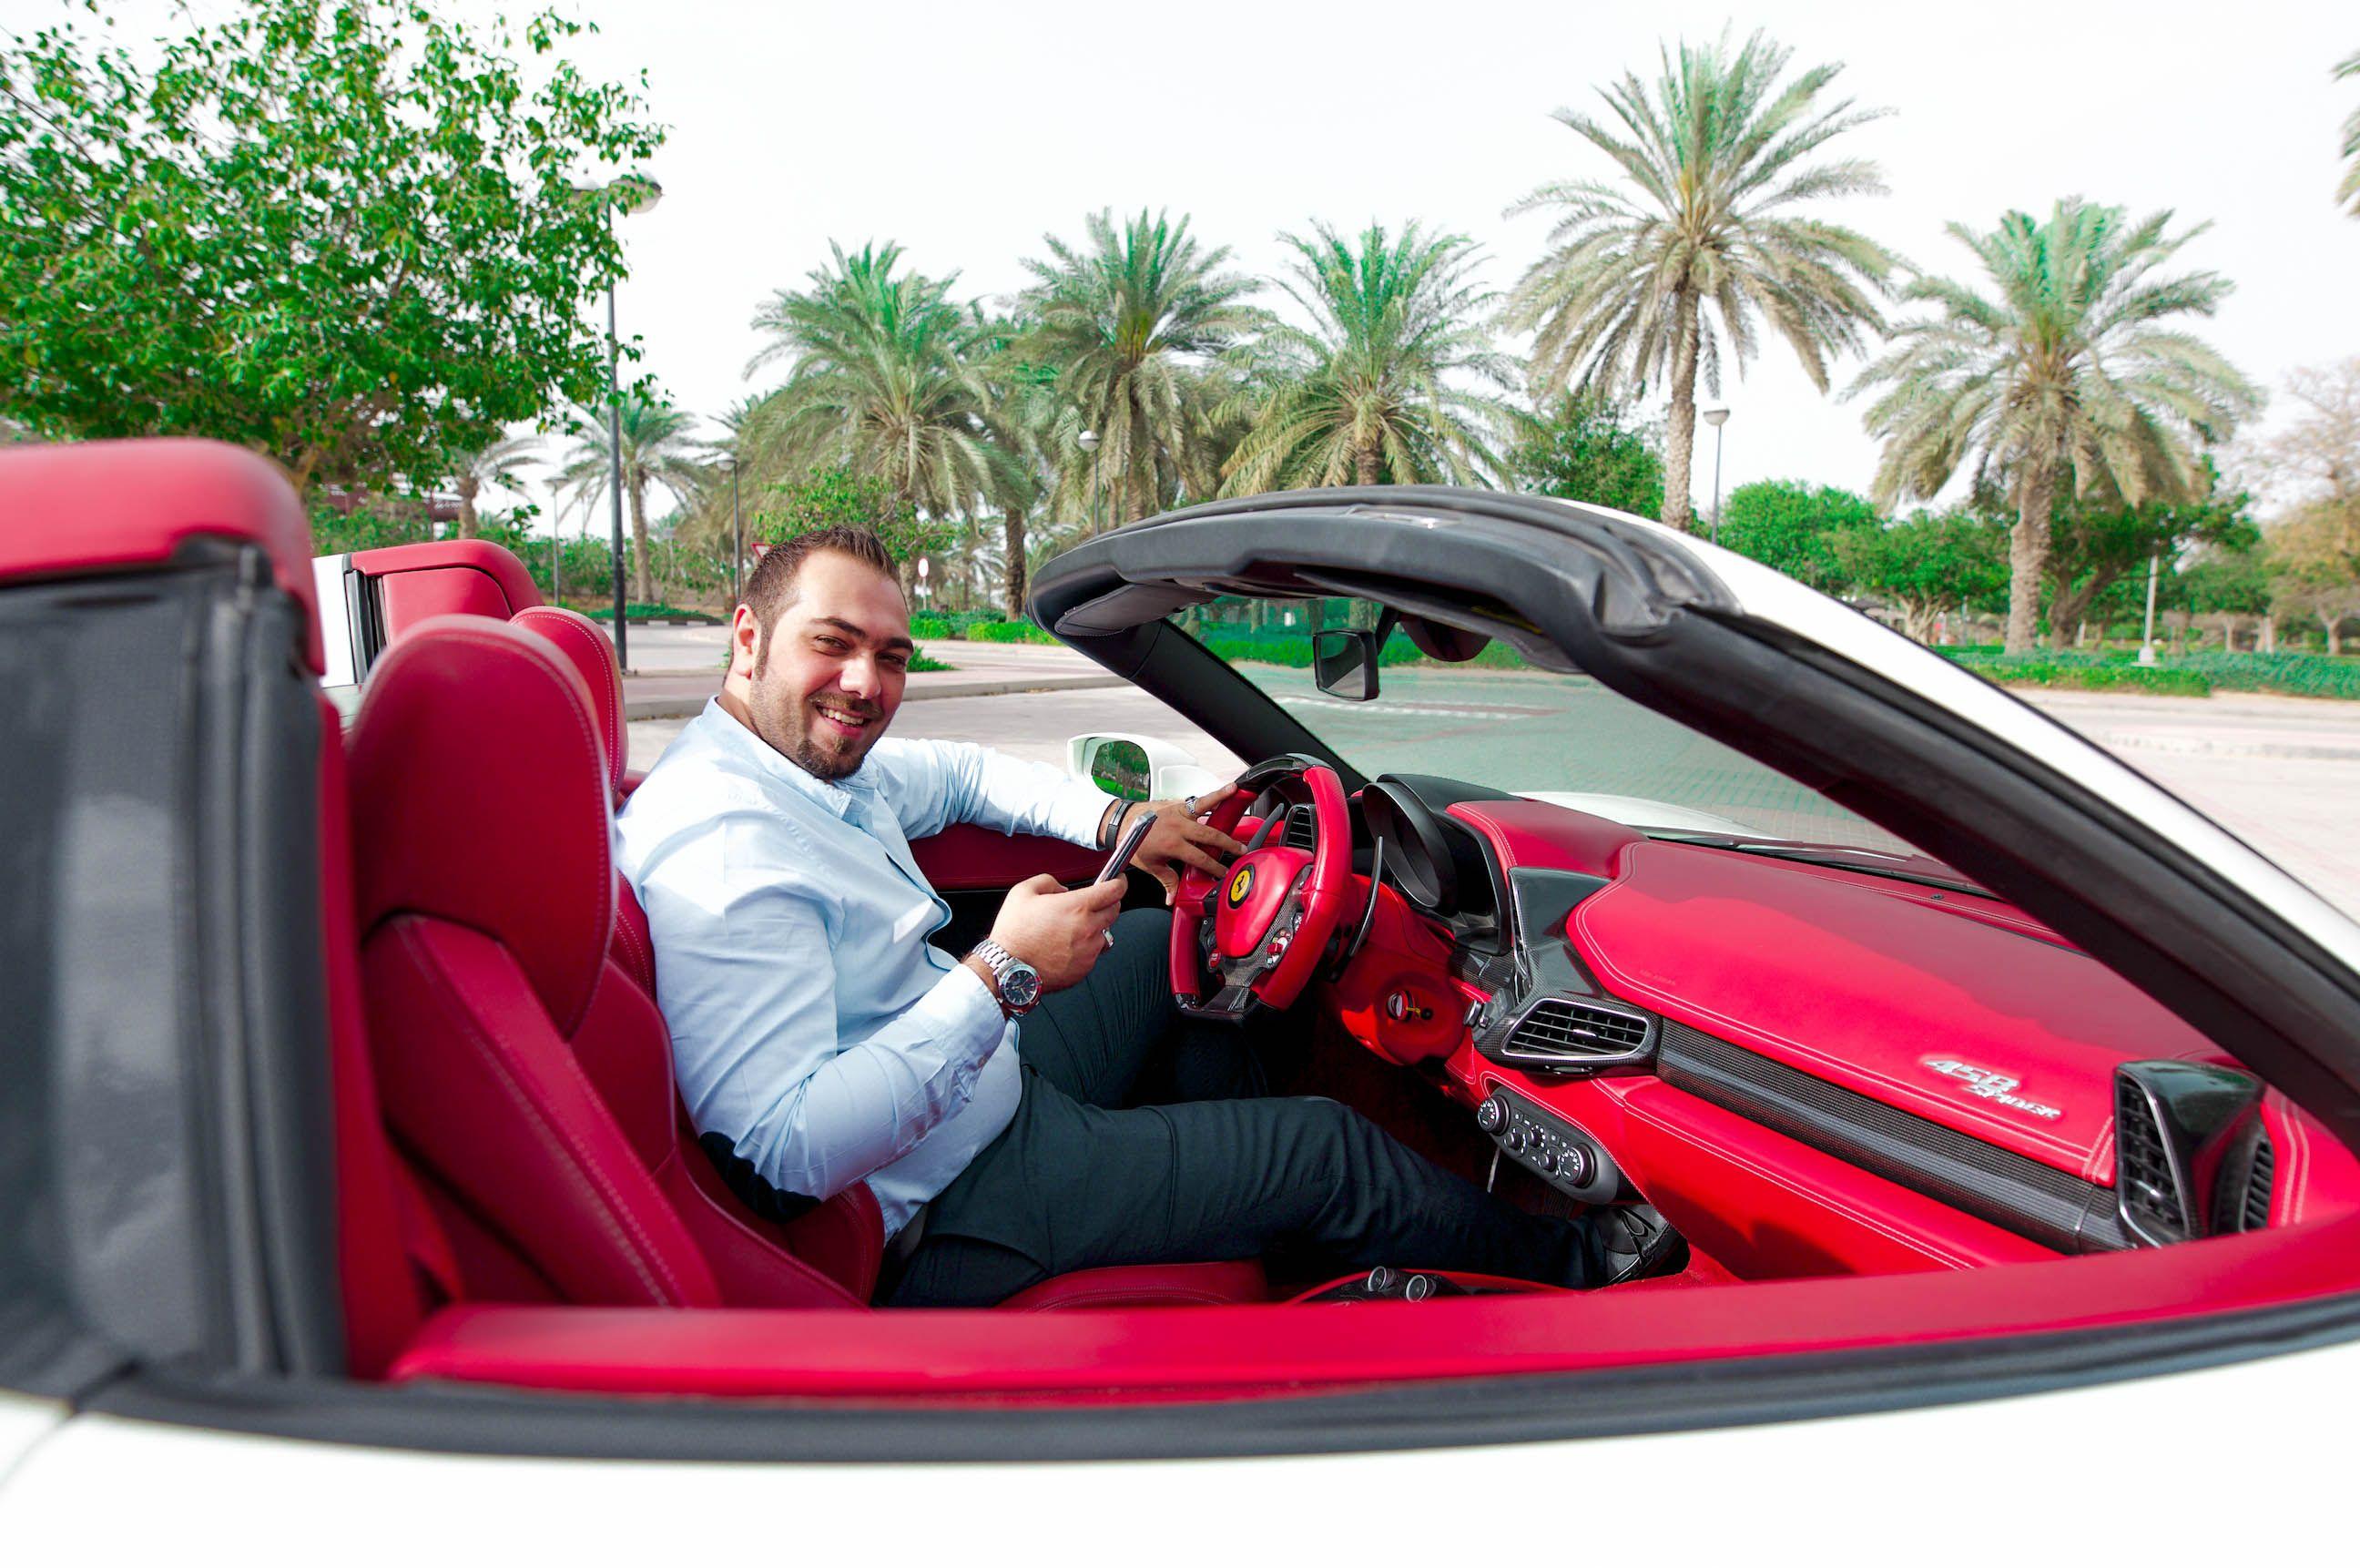 Ferrari 458 For Rent In Dubai Ferrari 458 Sports Car Rental Ferrari